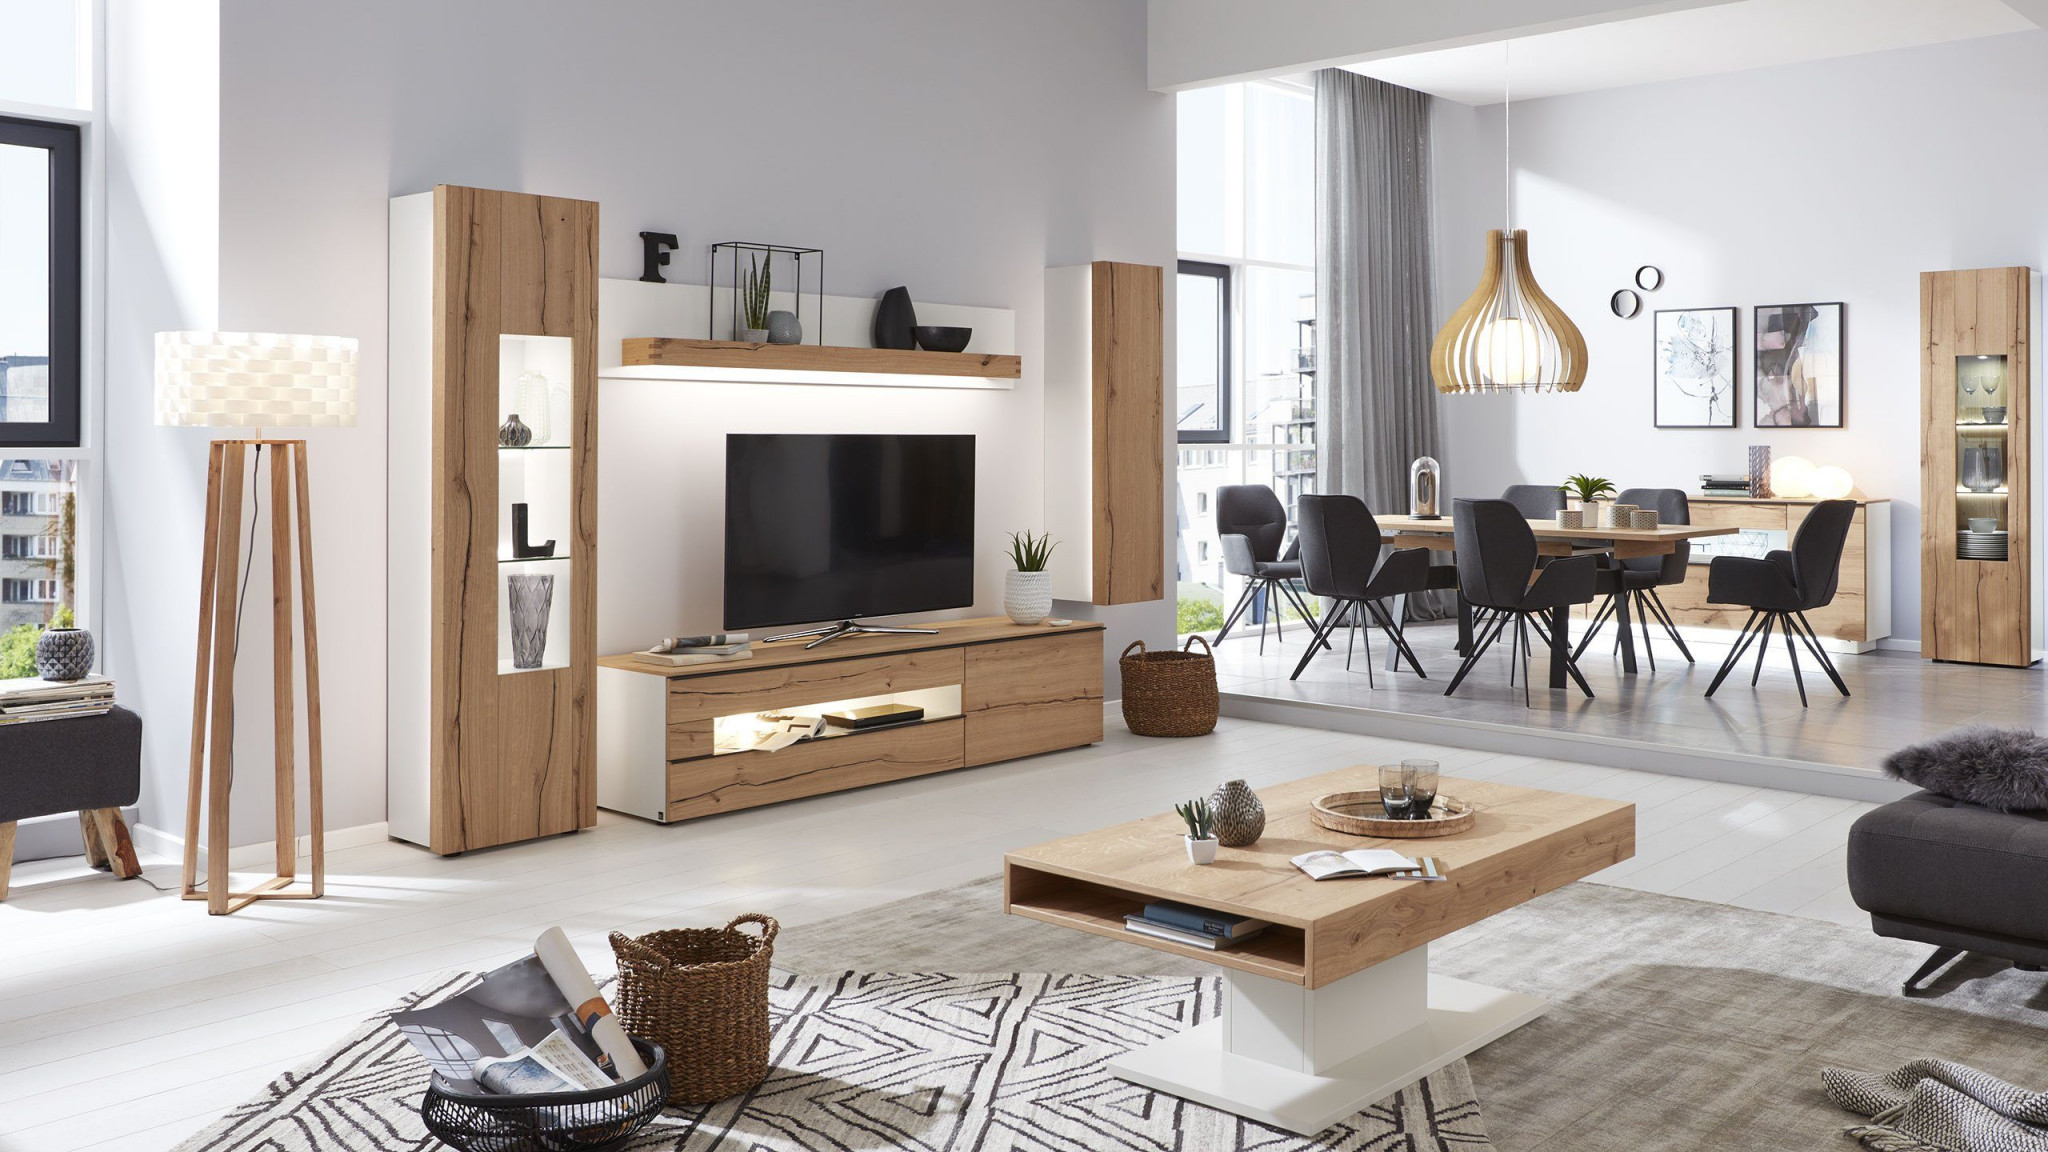 Moderne Wohnzimmermöbel  Vom Sideboard Bis Esstische von Moderne Möbel Für Wohnzimmer Bild